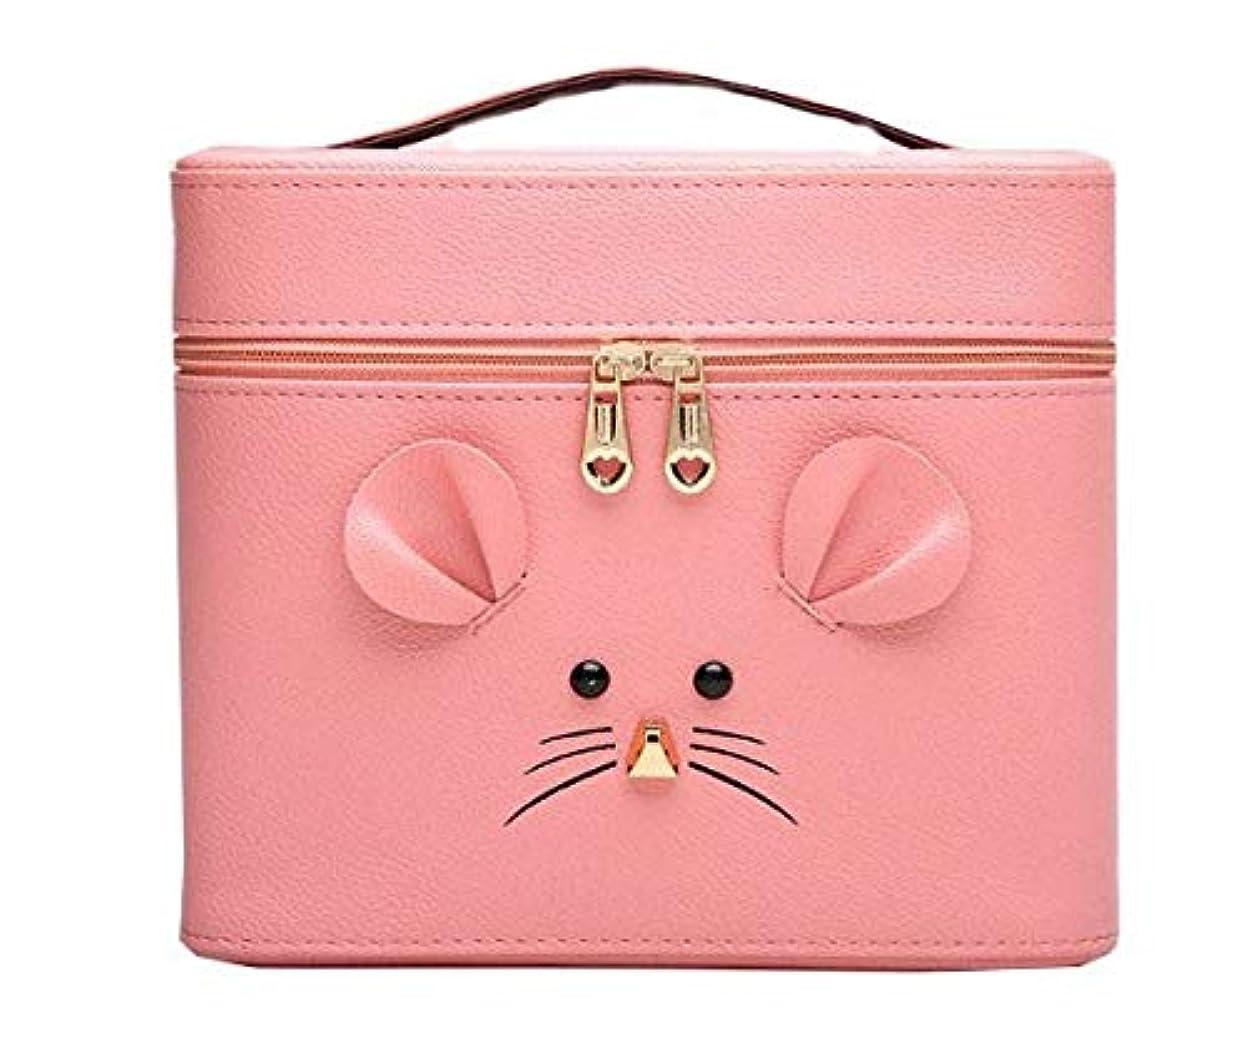 保有者乳シフト化粧箱、ピンクの漫画のマウスの化粧箱、携帯用旅行化粧品の箱、美の釘の宝石類の収納箱 (Size : L)